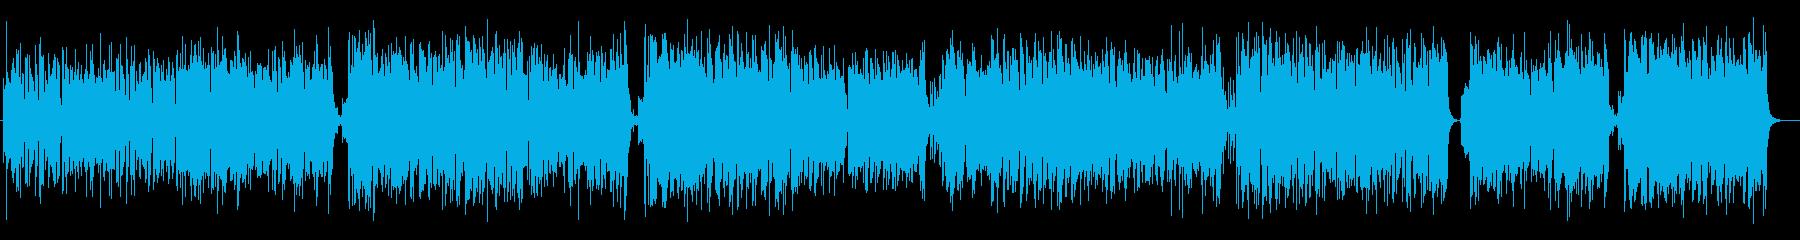 ハービー風ファンクジャズフュージョンの再生済みの波形